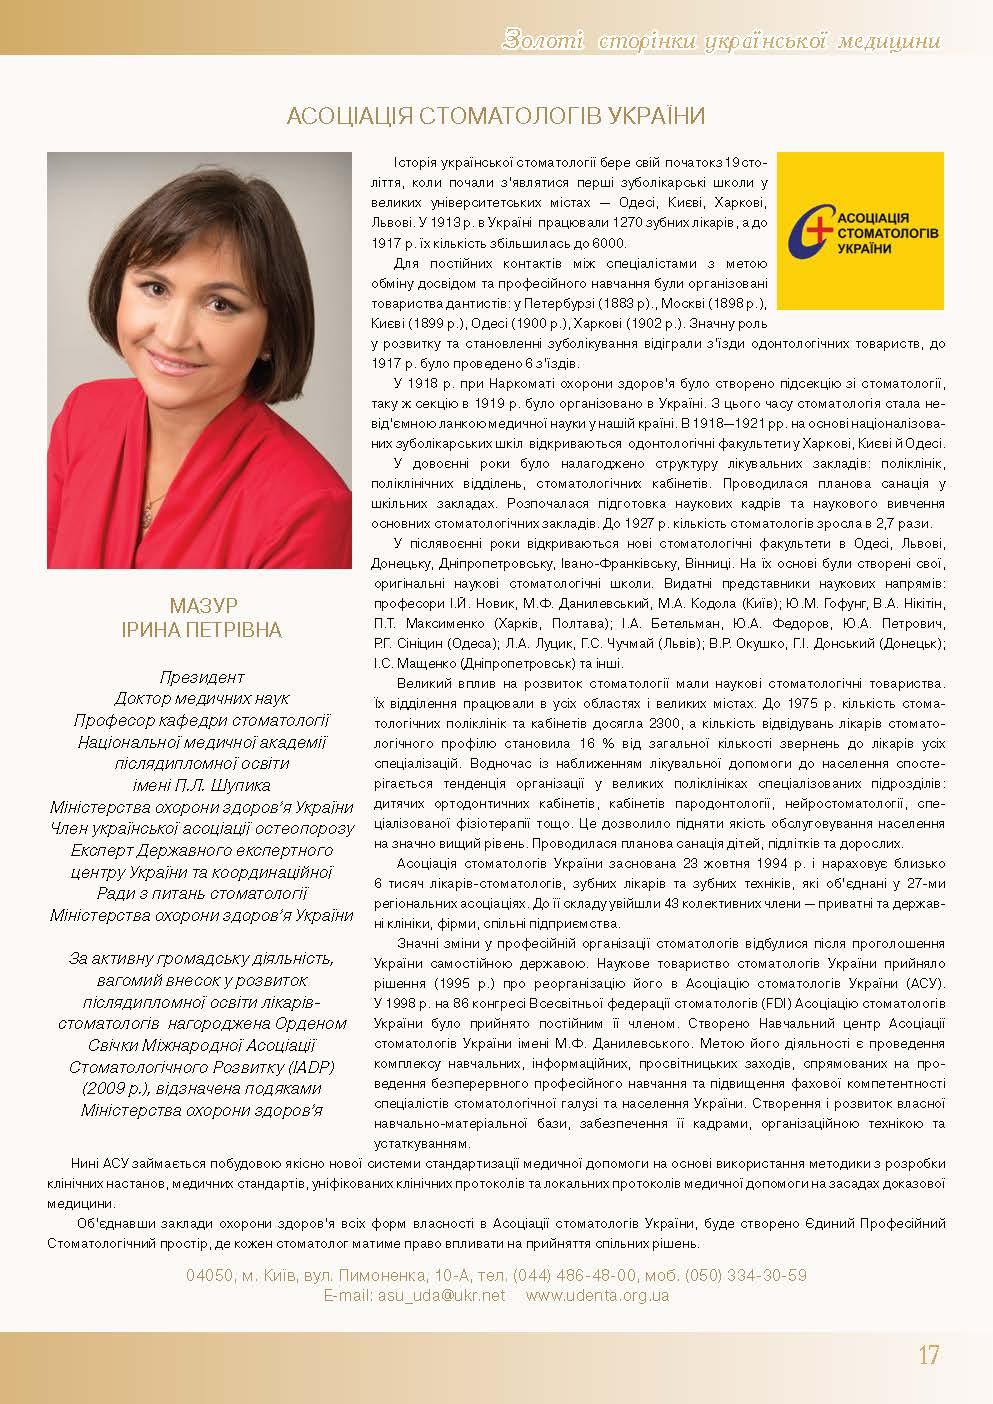 Асоціація стоматологів України